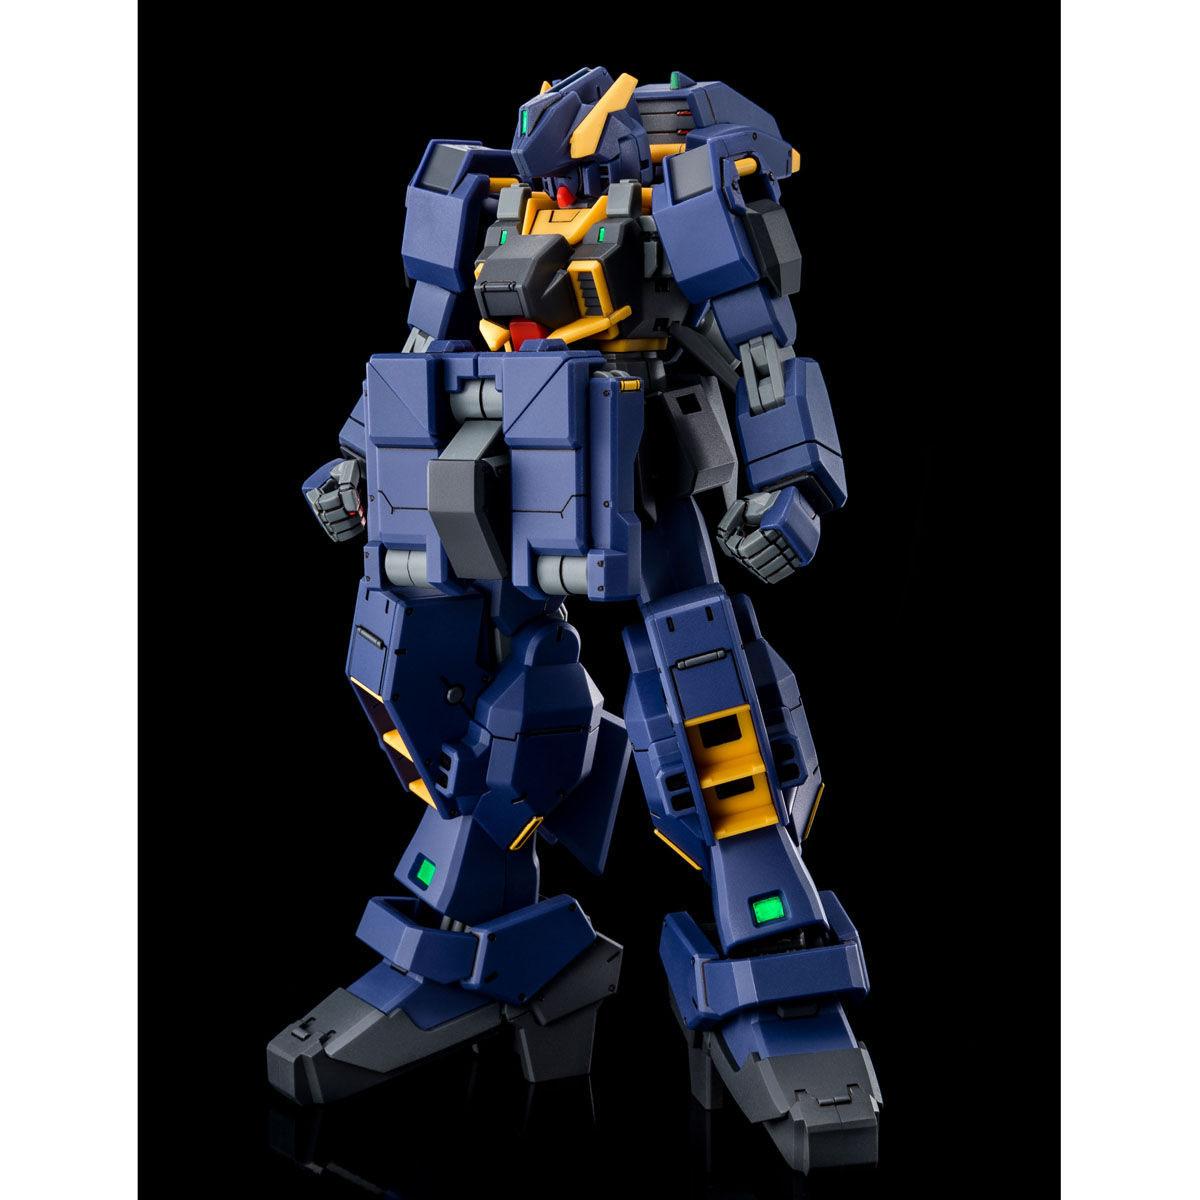 【限定販売】HG 1/144『ガンダムTR-1 次世代量産機(実戦配備カラー)』プラモデル-002